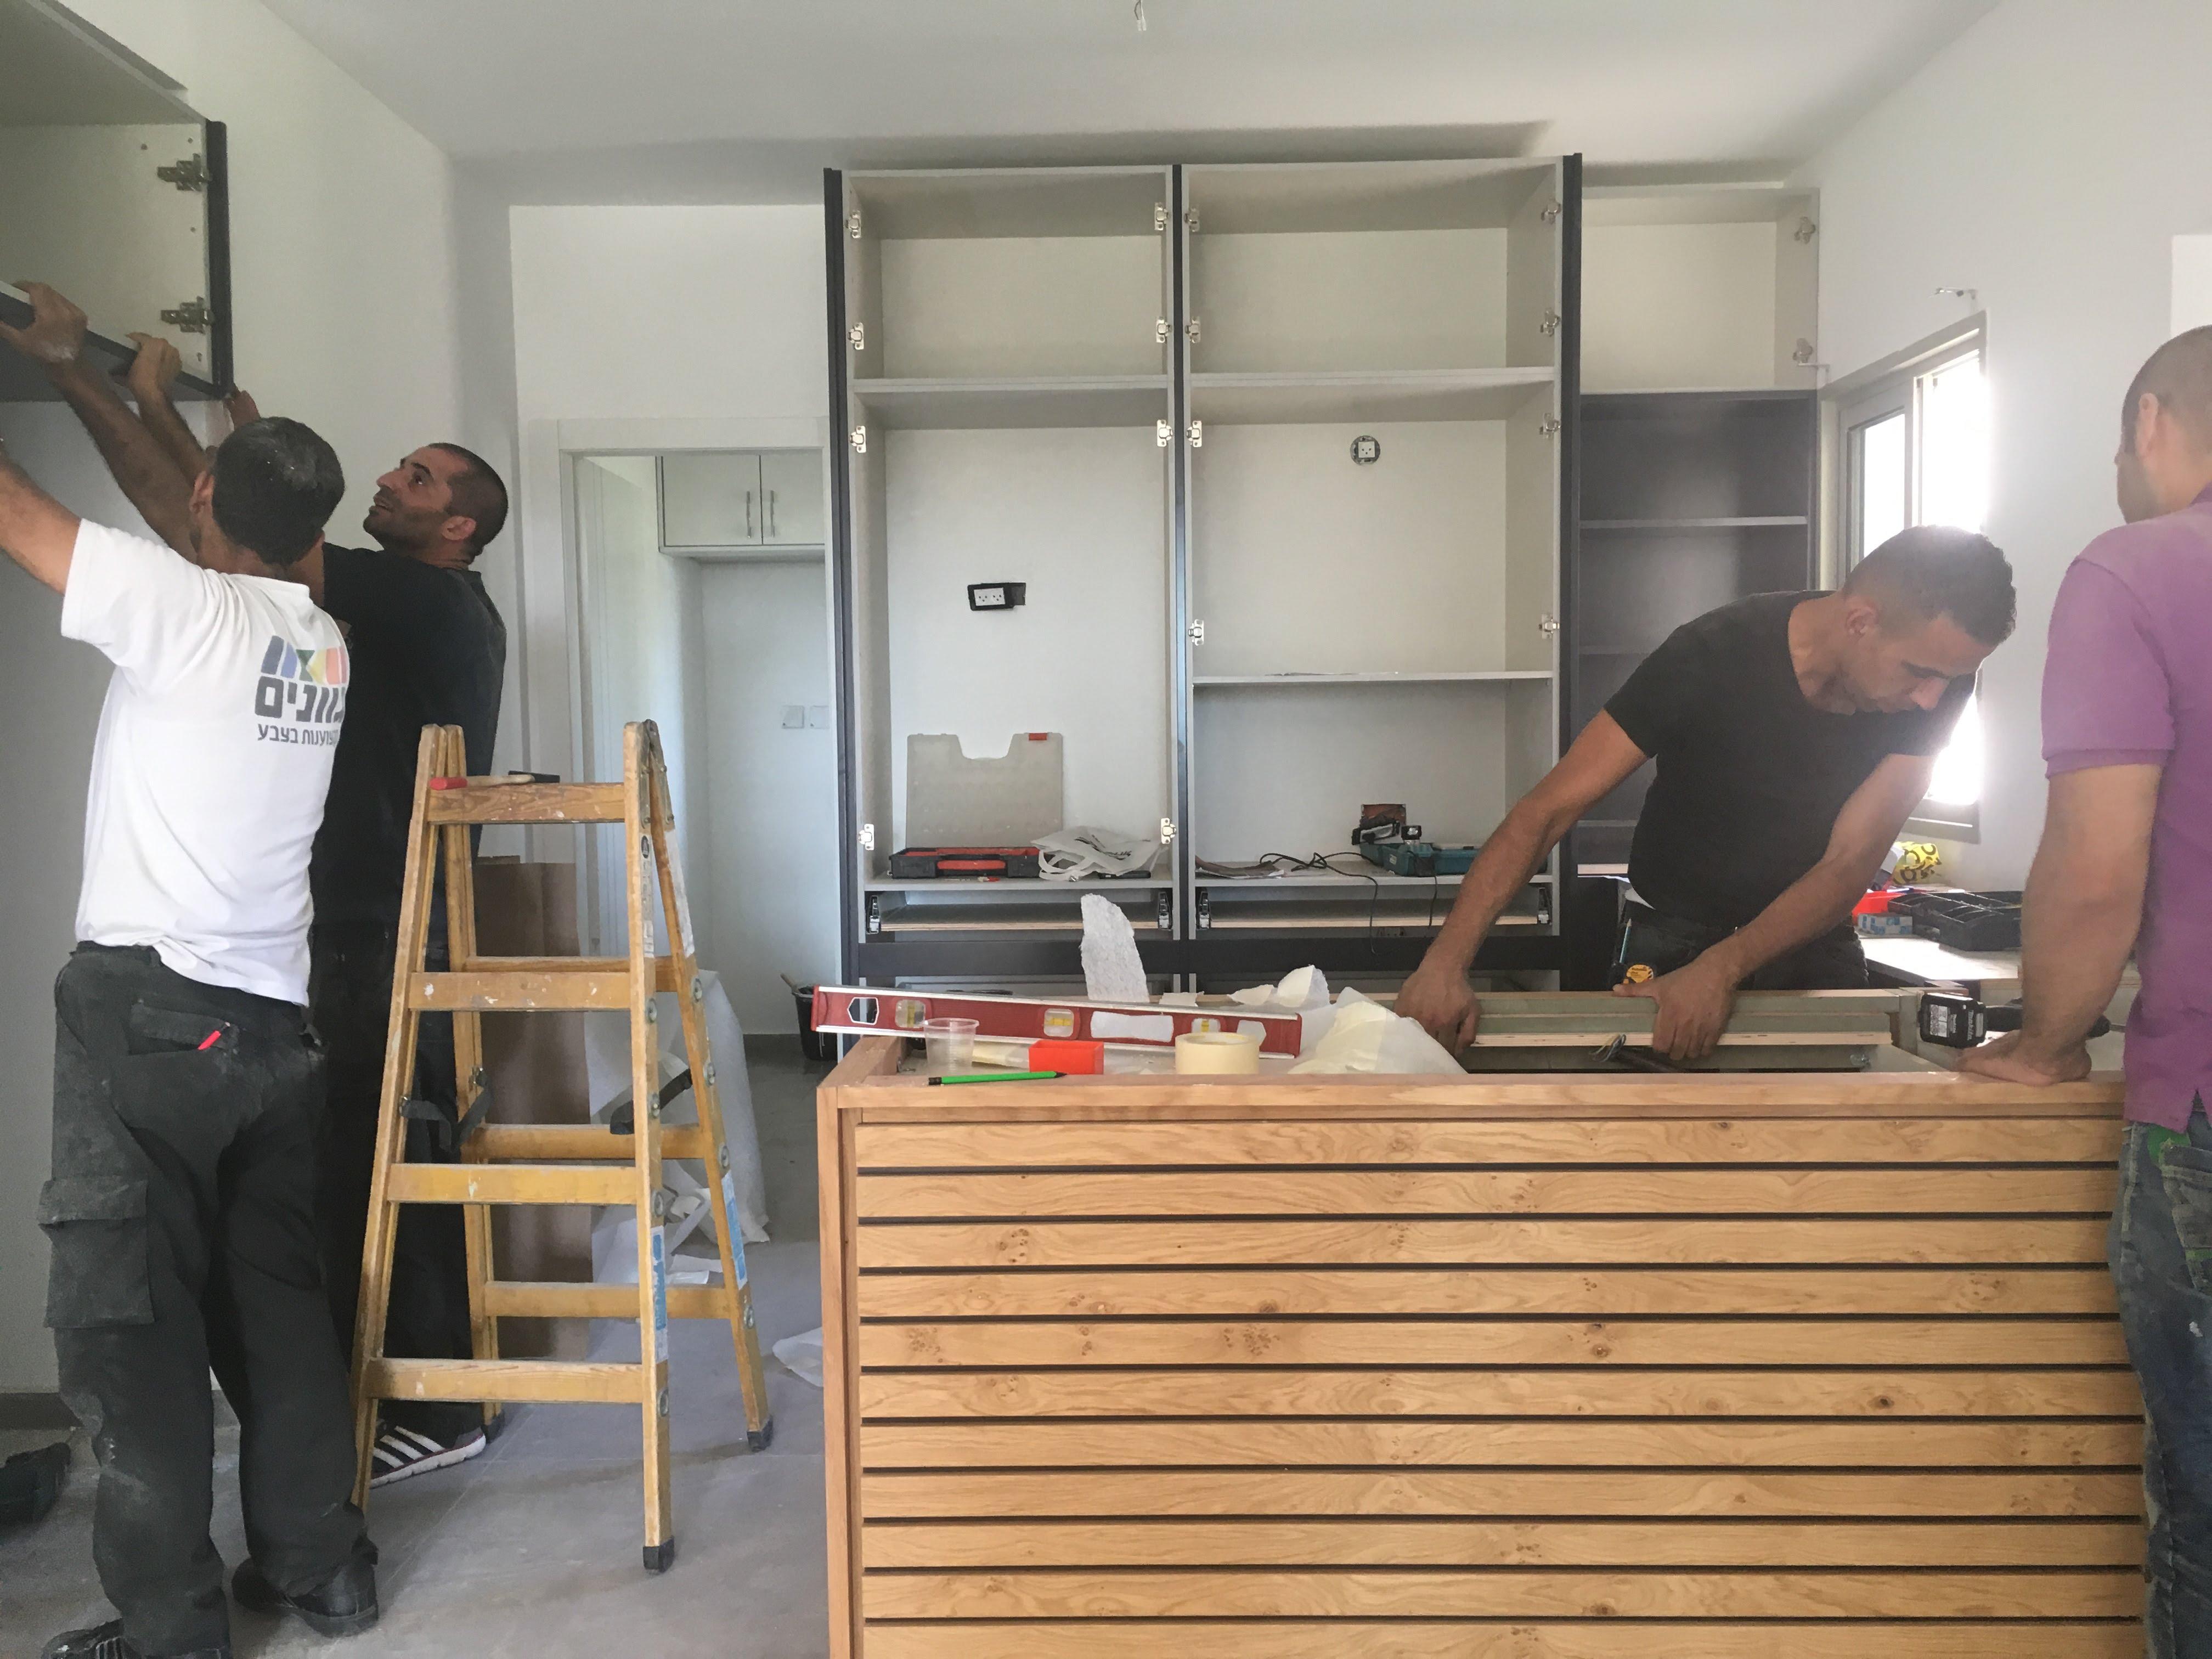 שיפוץ מטבח בתהליך שיפוץ דירה קומפלט | מרב שדה - תכנון ועיצוב פנים